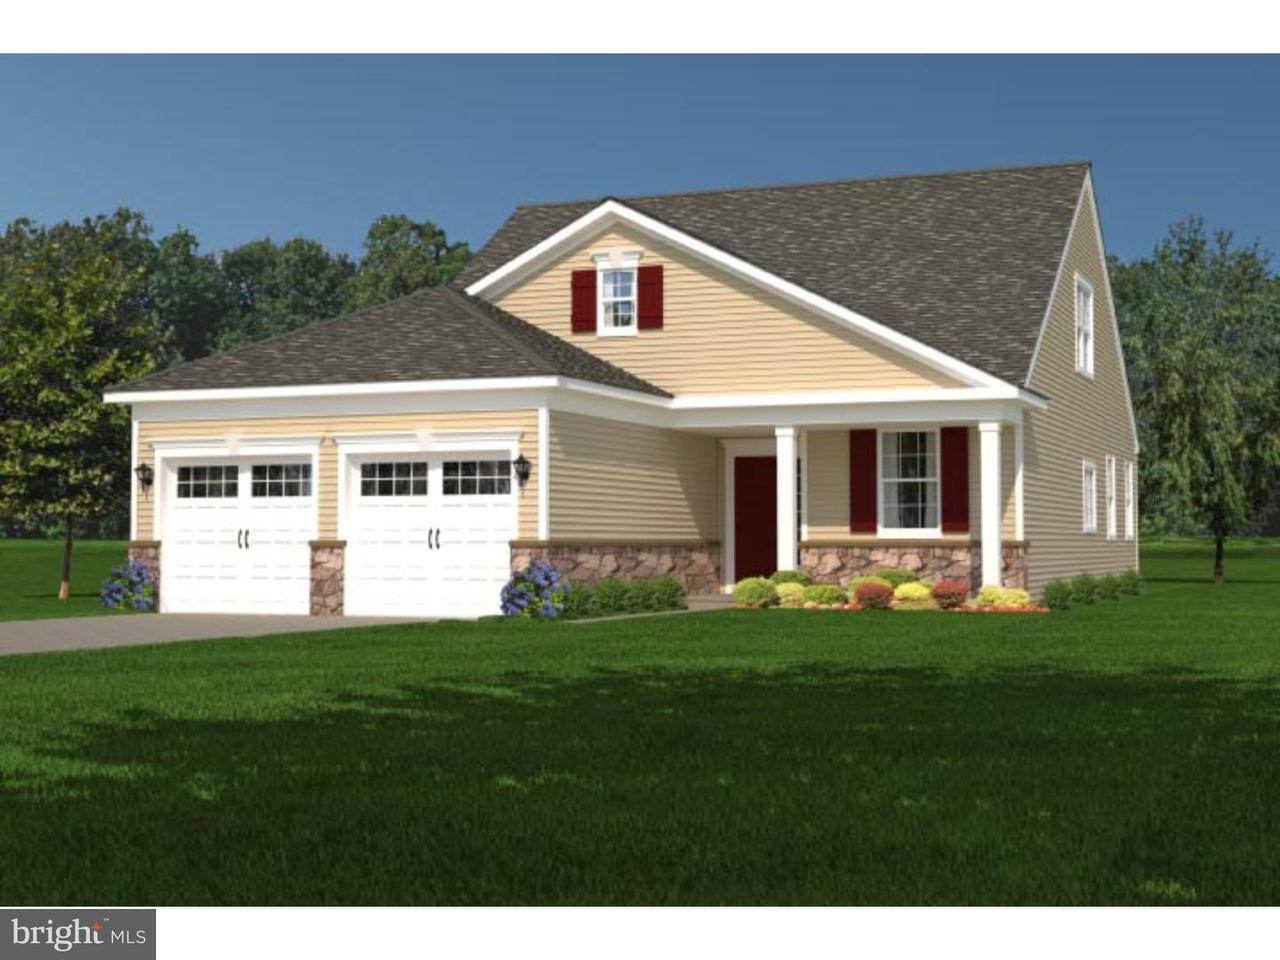 独户住宅 为 销售 在 ,0D CASTLEBAY Drive Williamstown, 新泽西州 08094 美国